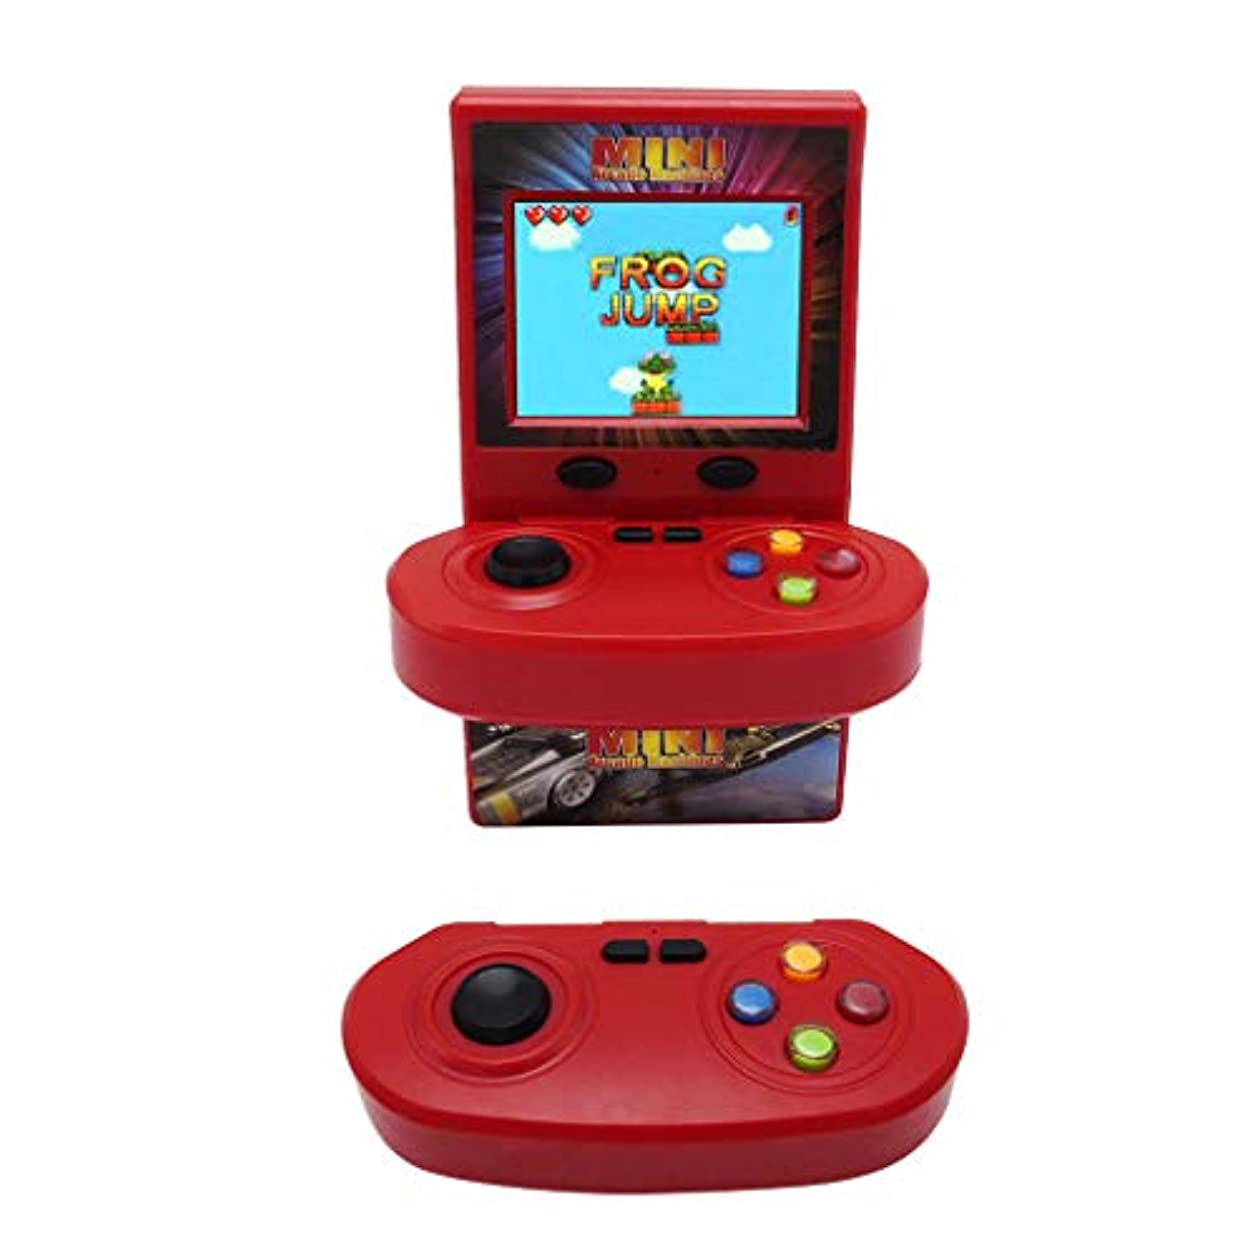 ハンカチカメラ冷酷なゲームコンソール ダブルワイヤレスジョイスティック アーケードゲーム コンソール ノスタルジック 100ゲーム ゲームプレーヤー ダブルハンドル 携帯ゲーム機huajuan